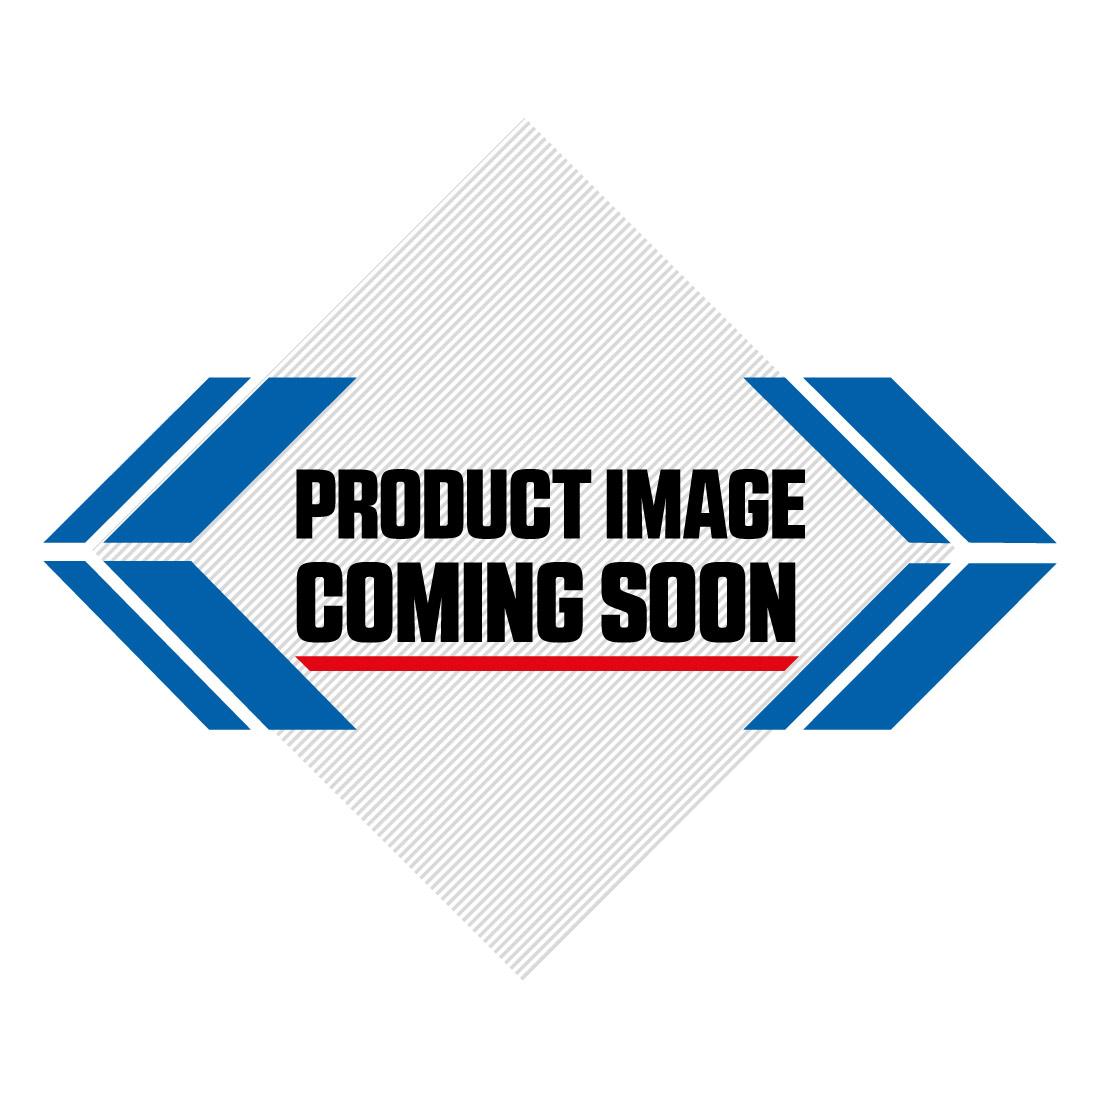 Husqvarna Plastic Kit OEM Factory (2014) Image-5>